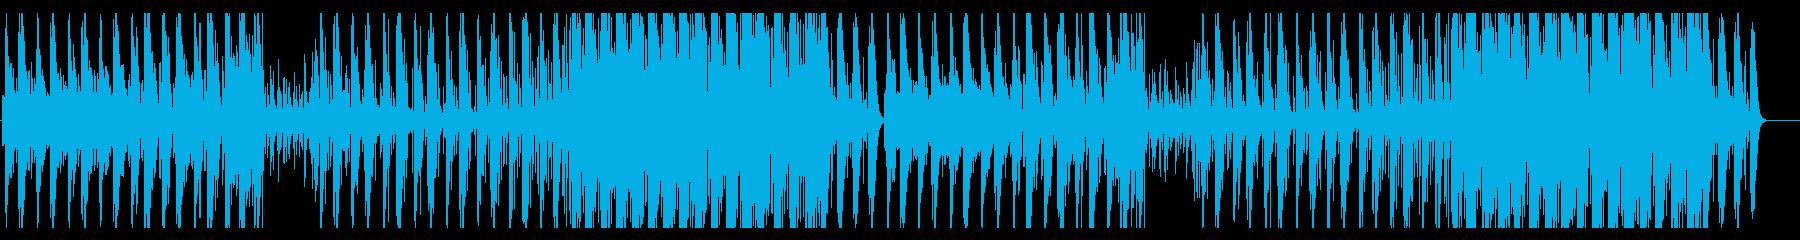 ジャズ オシャレ パーティー 大人の再生済みの波形